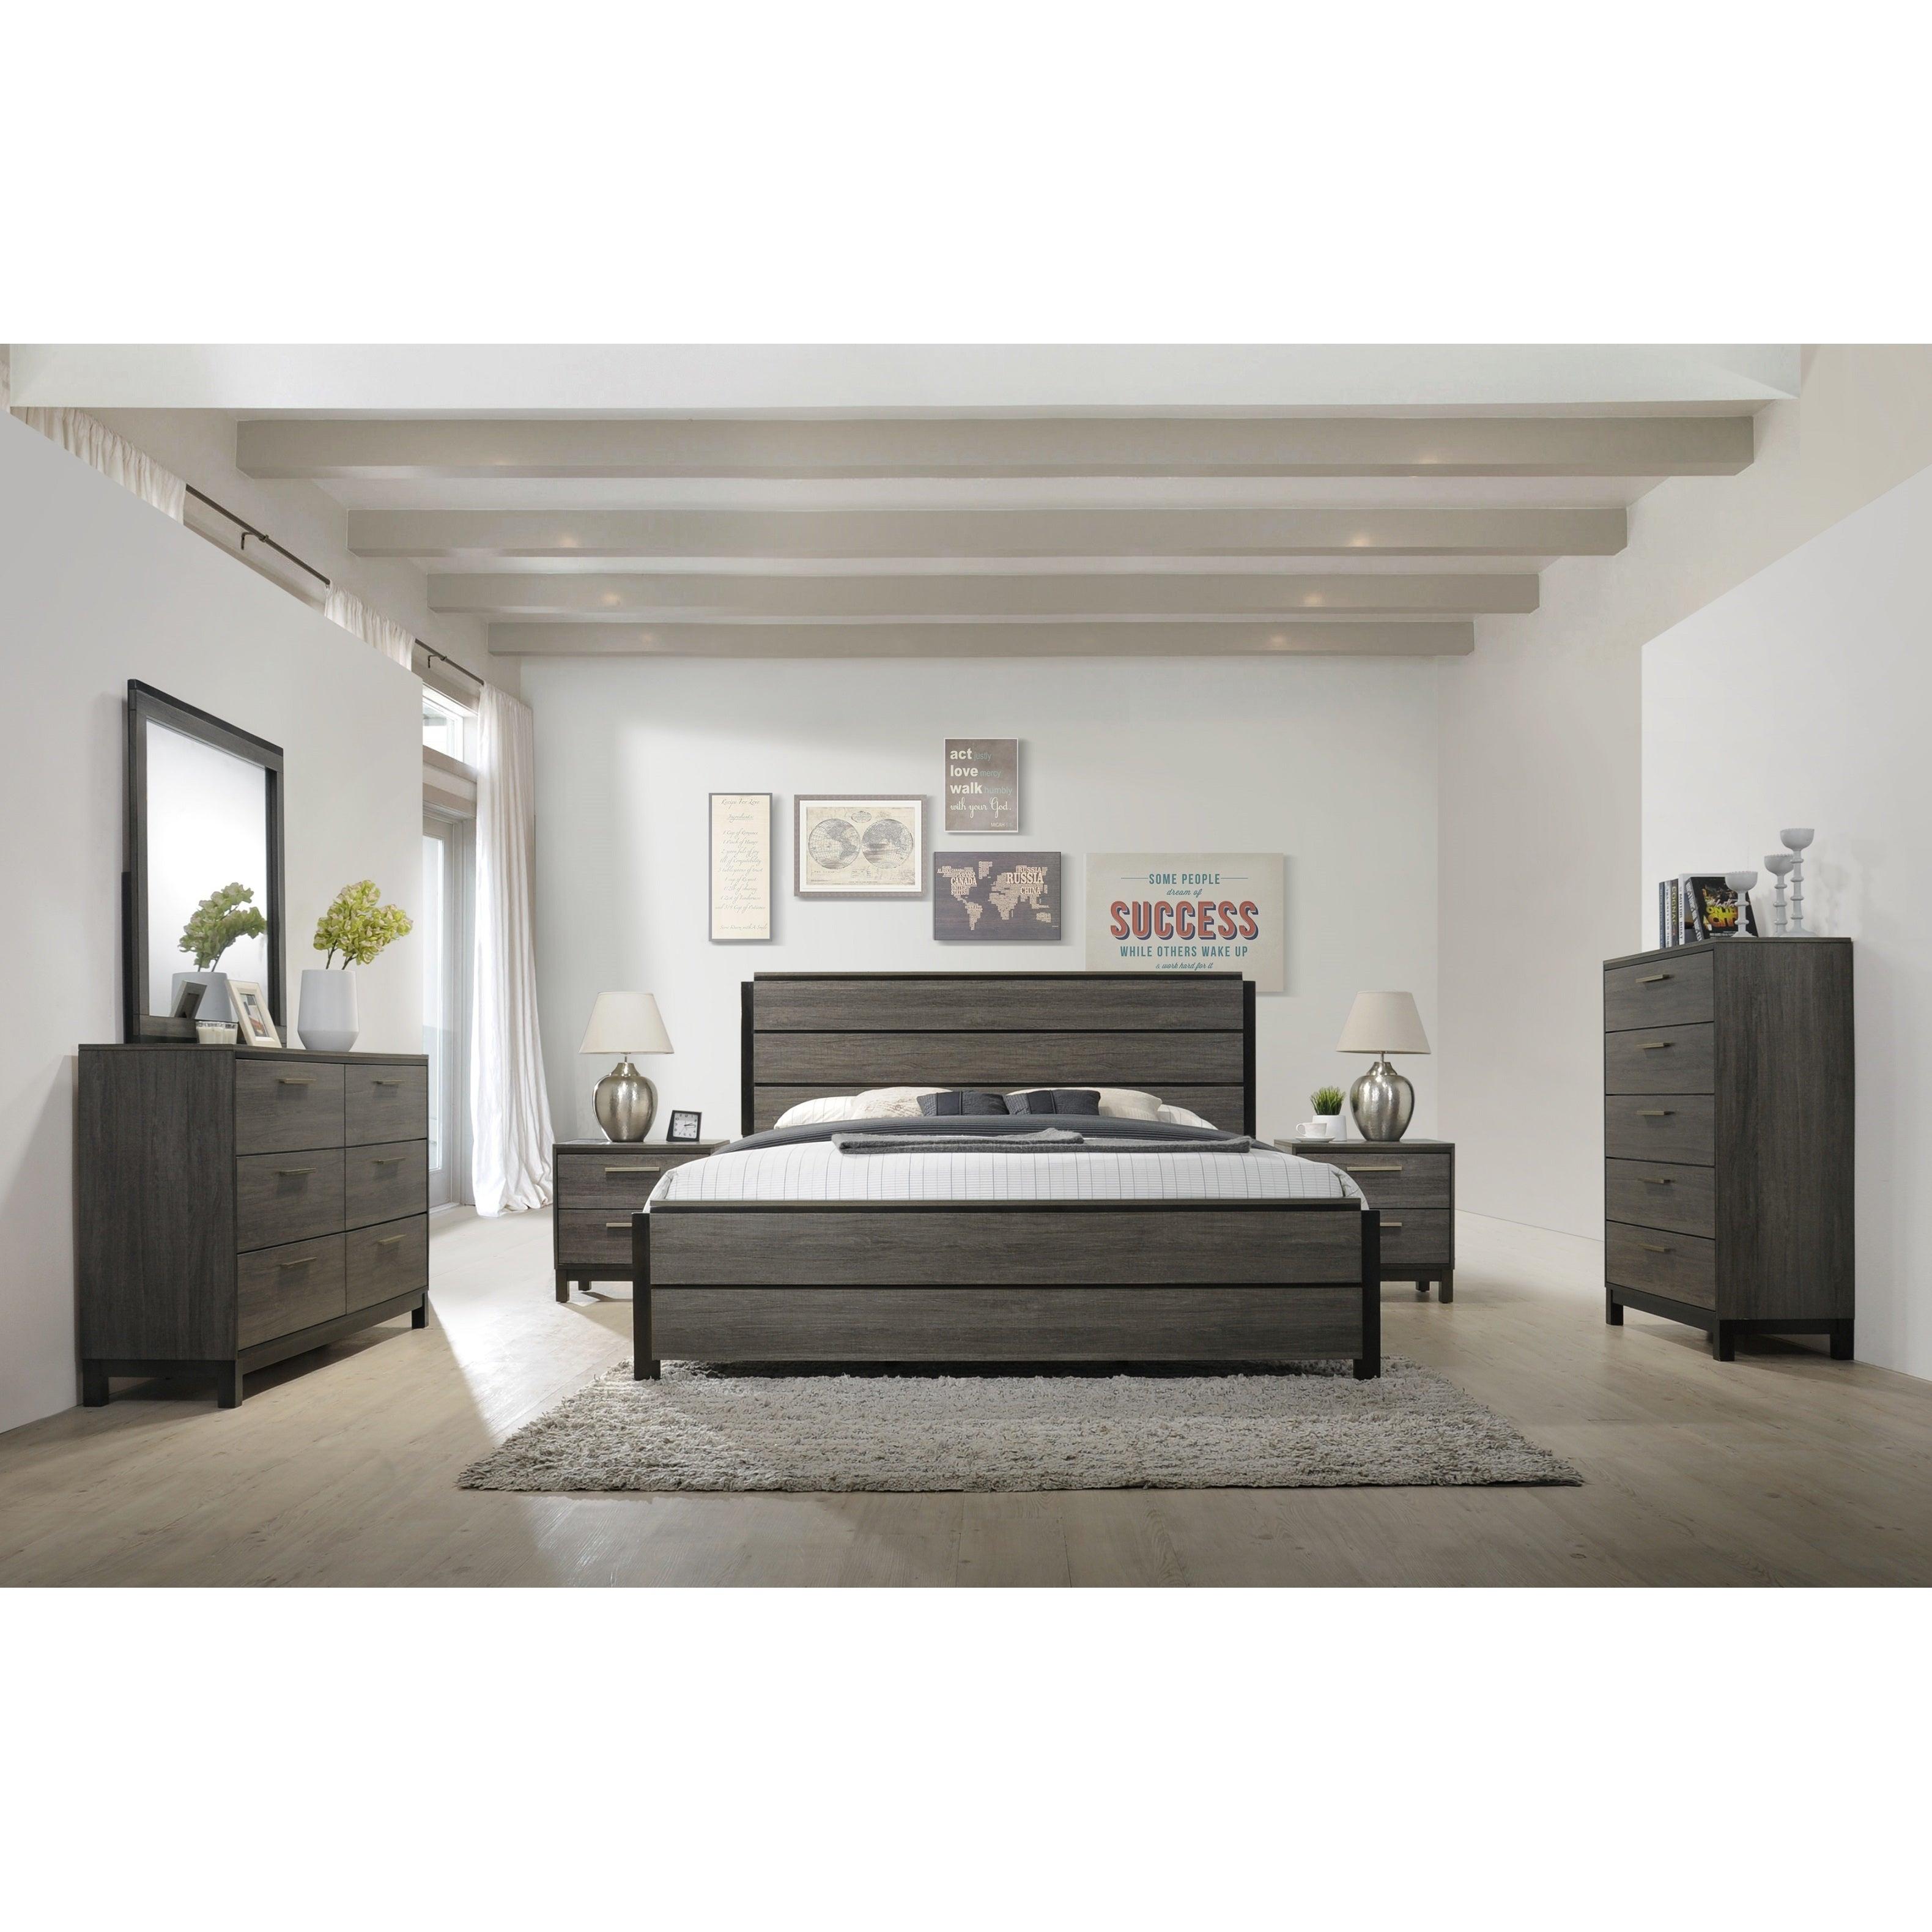 Buy Queen Size Regular Bed Modern Contemporary Bedroom